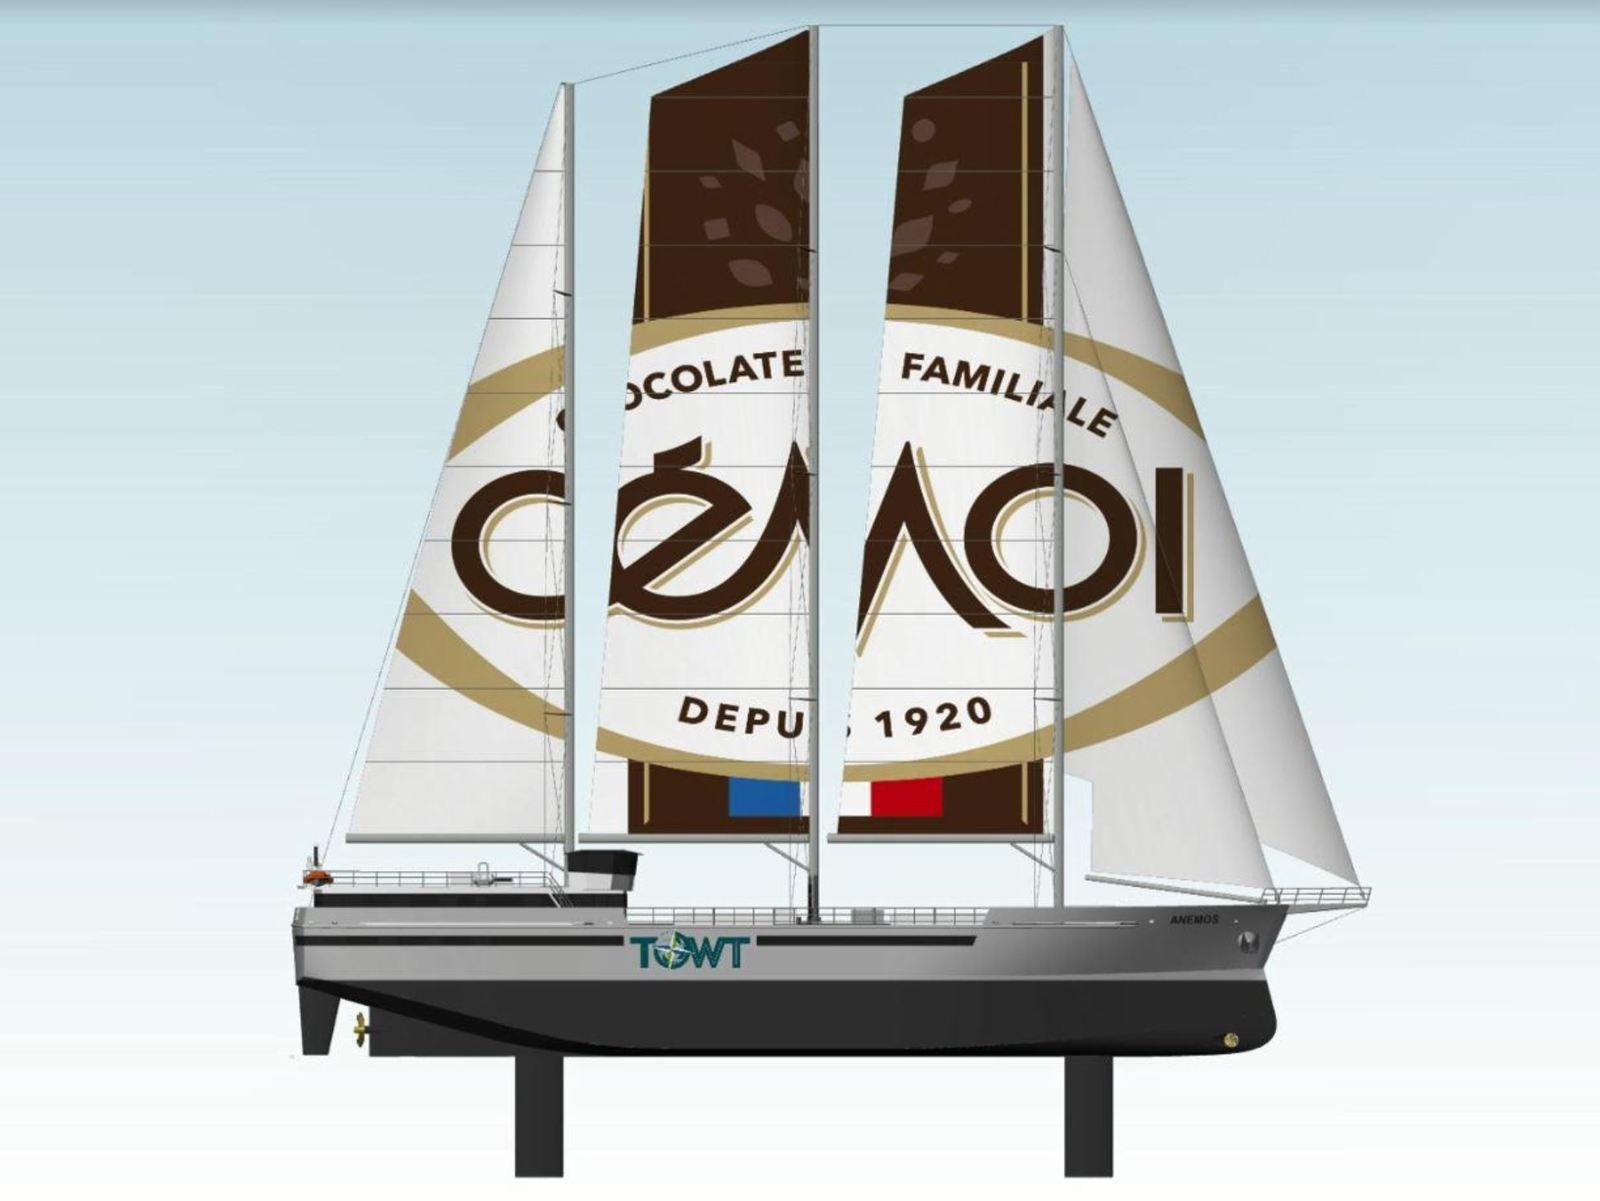 4 cargos à voiles, pour transporter le cacao du chocolatier français Cémoi